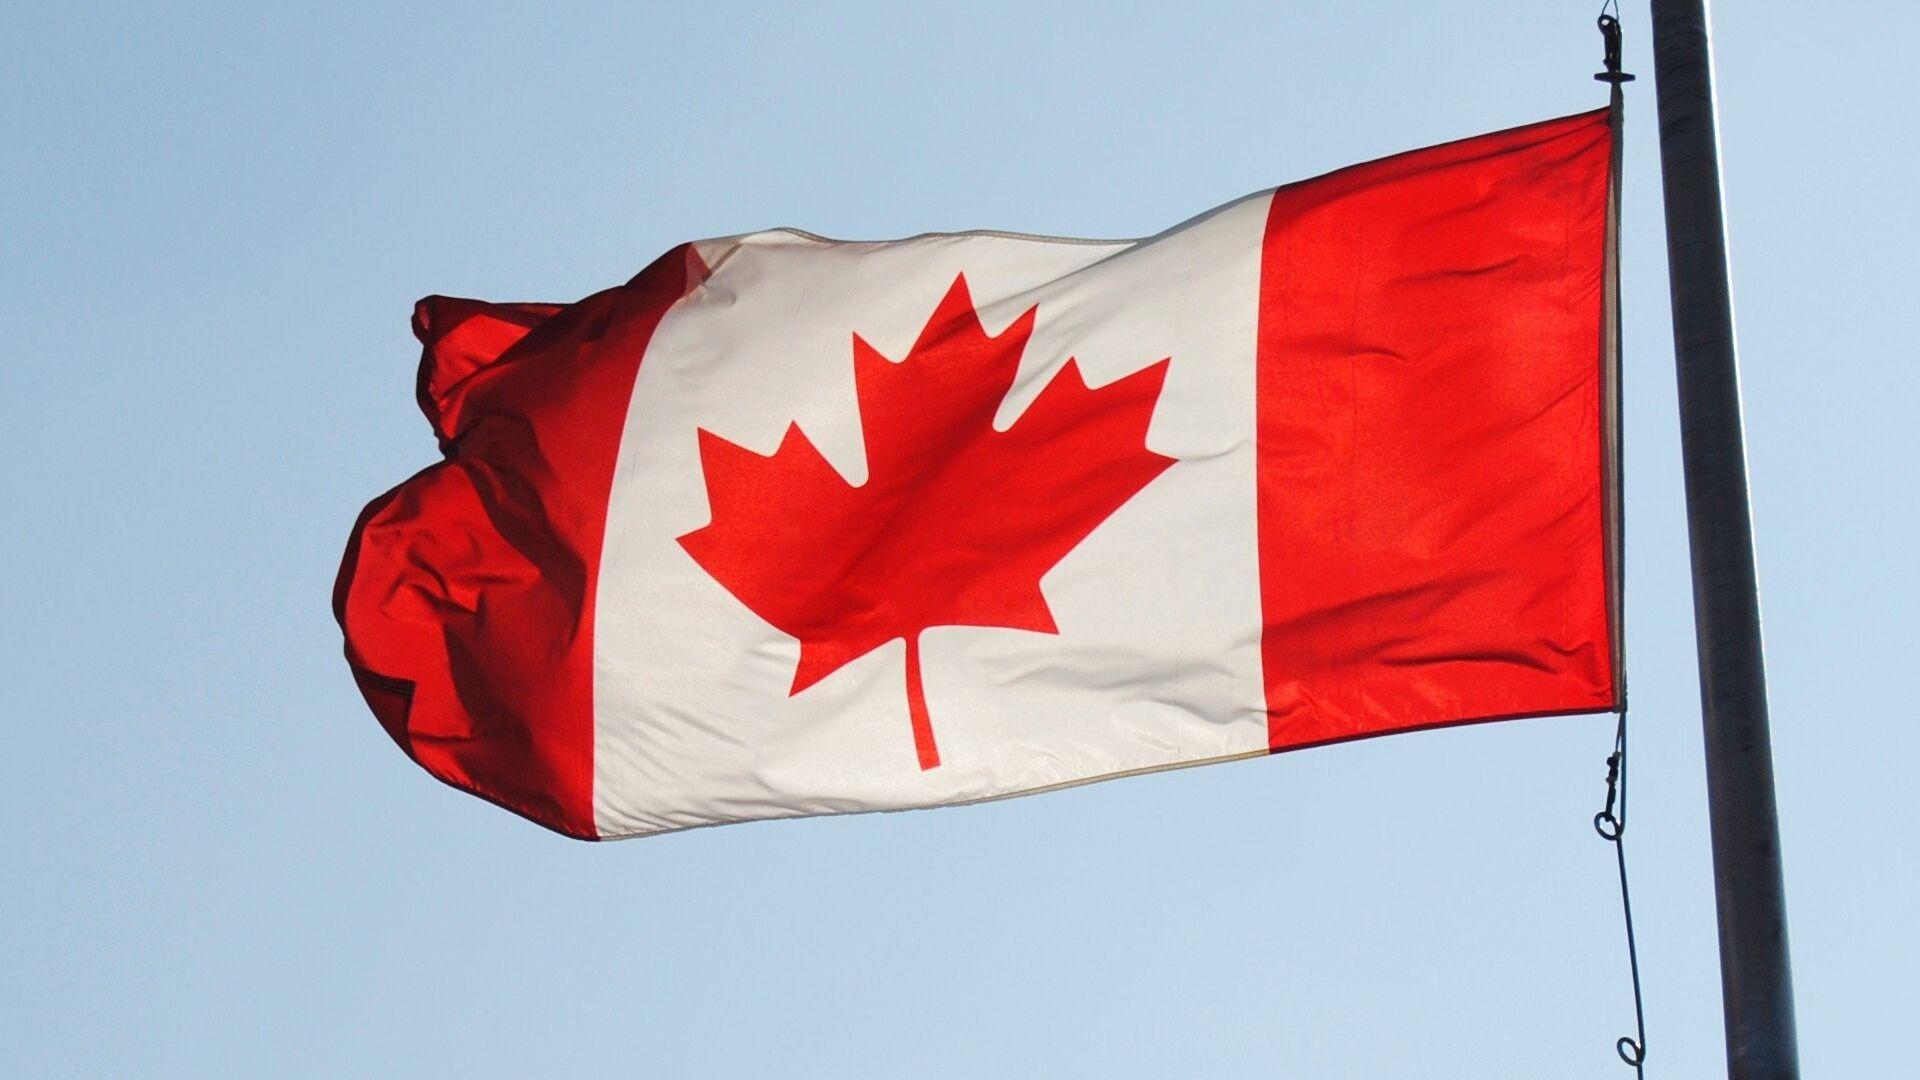 Bandera de Canadá - Sputnik Mundo, 1920, 16.04.2021